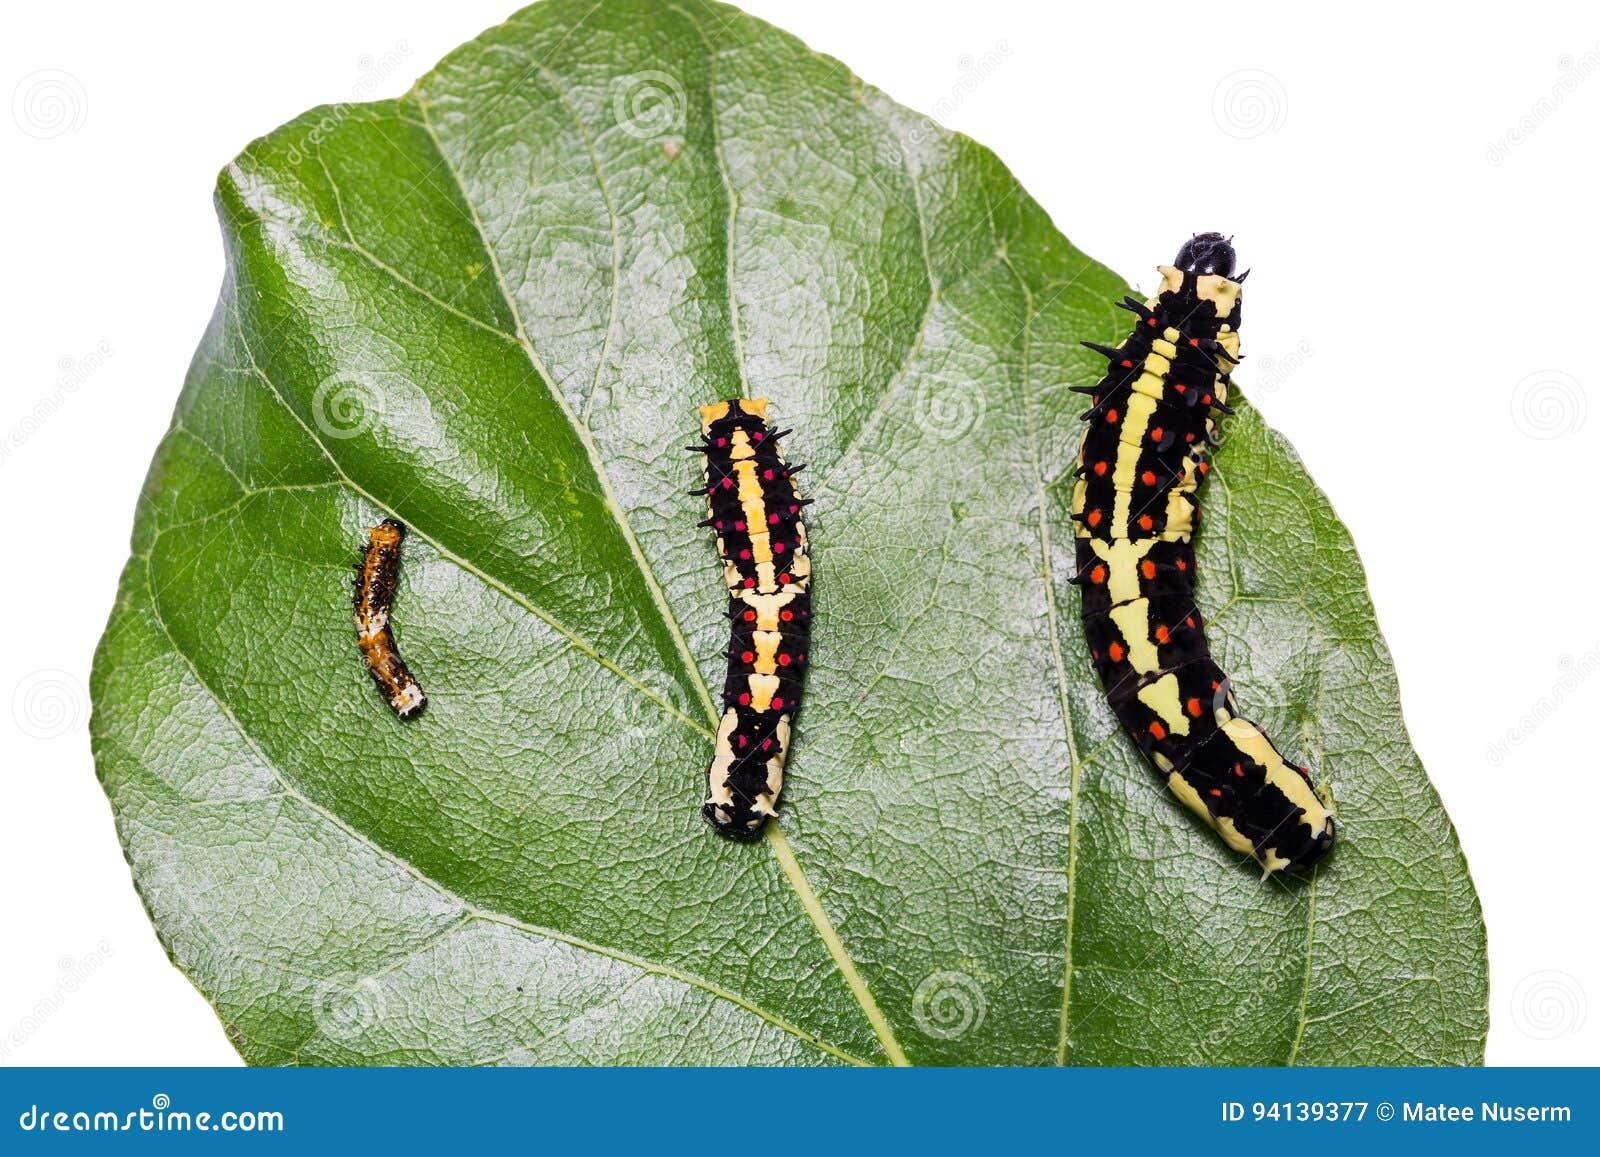 Common Mime Papilio clytia caterpillars